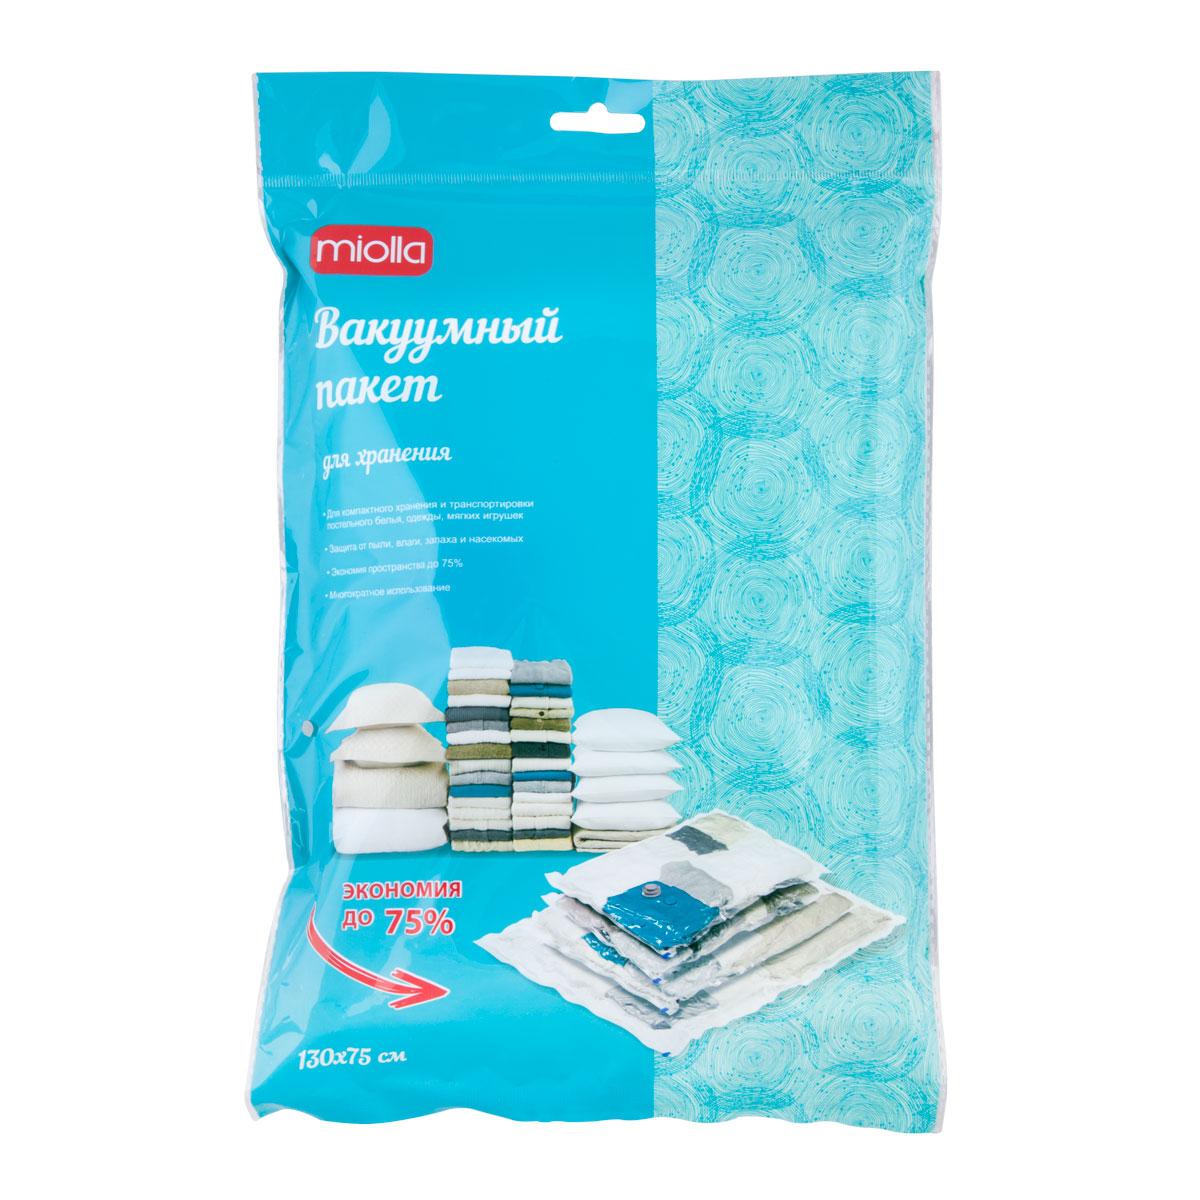 """Вакуумный компрессионный пакет """"Miolla"""" предназначен для компактного хранения и транспортировки постельного белья, одежды, мягких игрушек. Защищает содержимое от пыли, влаги, запаха и насекомых. Пакет сжимает объем вещей, благодаря чему можно экономить до 75% пространства. Многократное использование."""